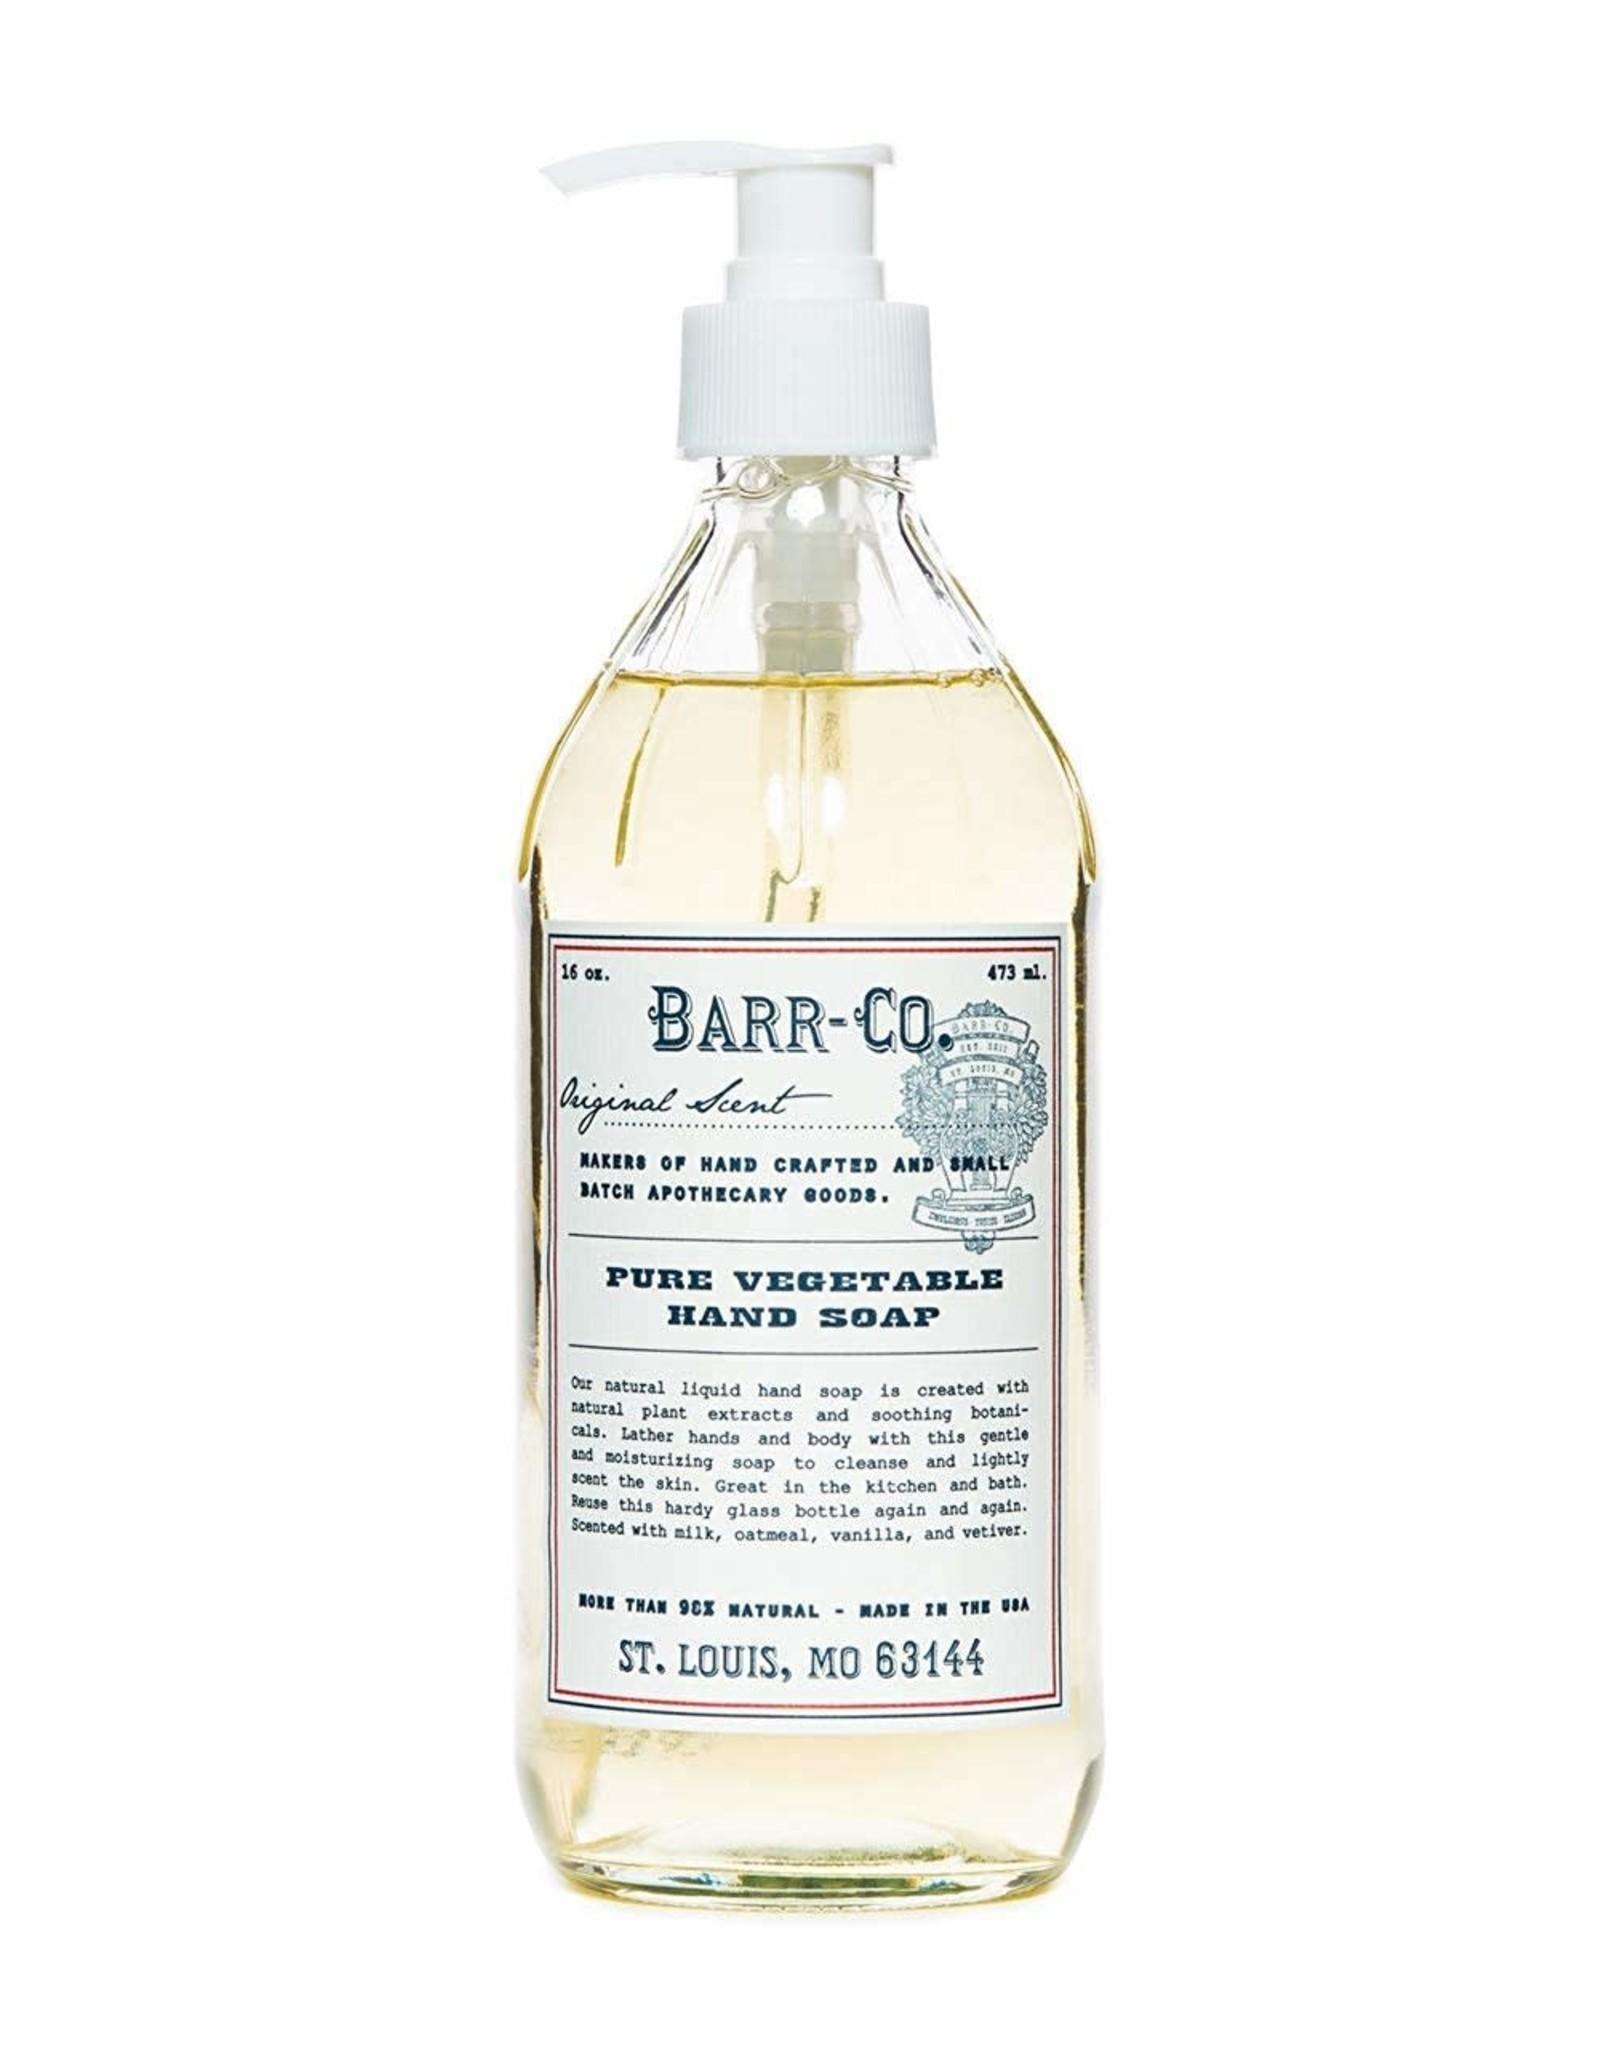 BARR CO SOAP ORIGINAL SCENT GLASS JAR LIQUID HAND SOAP